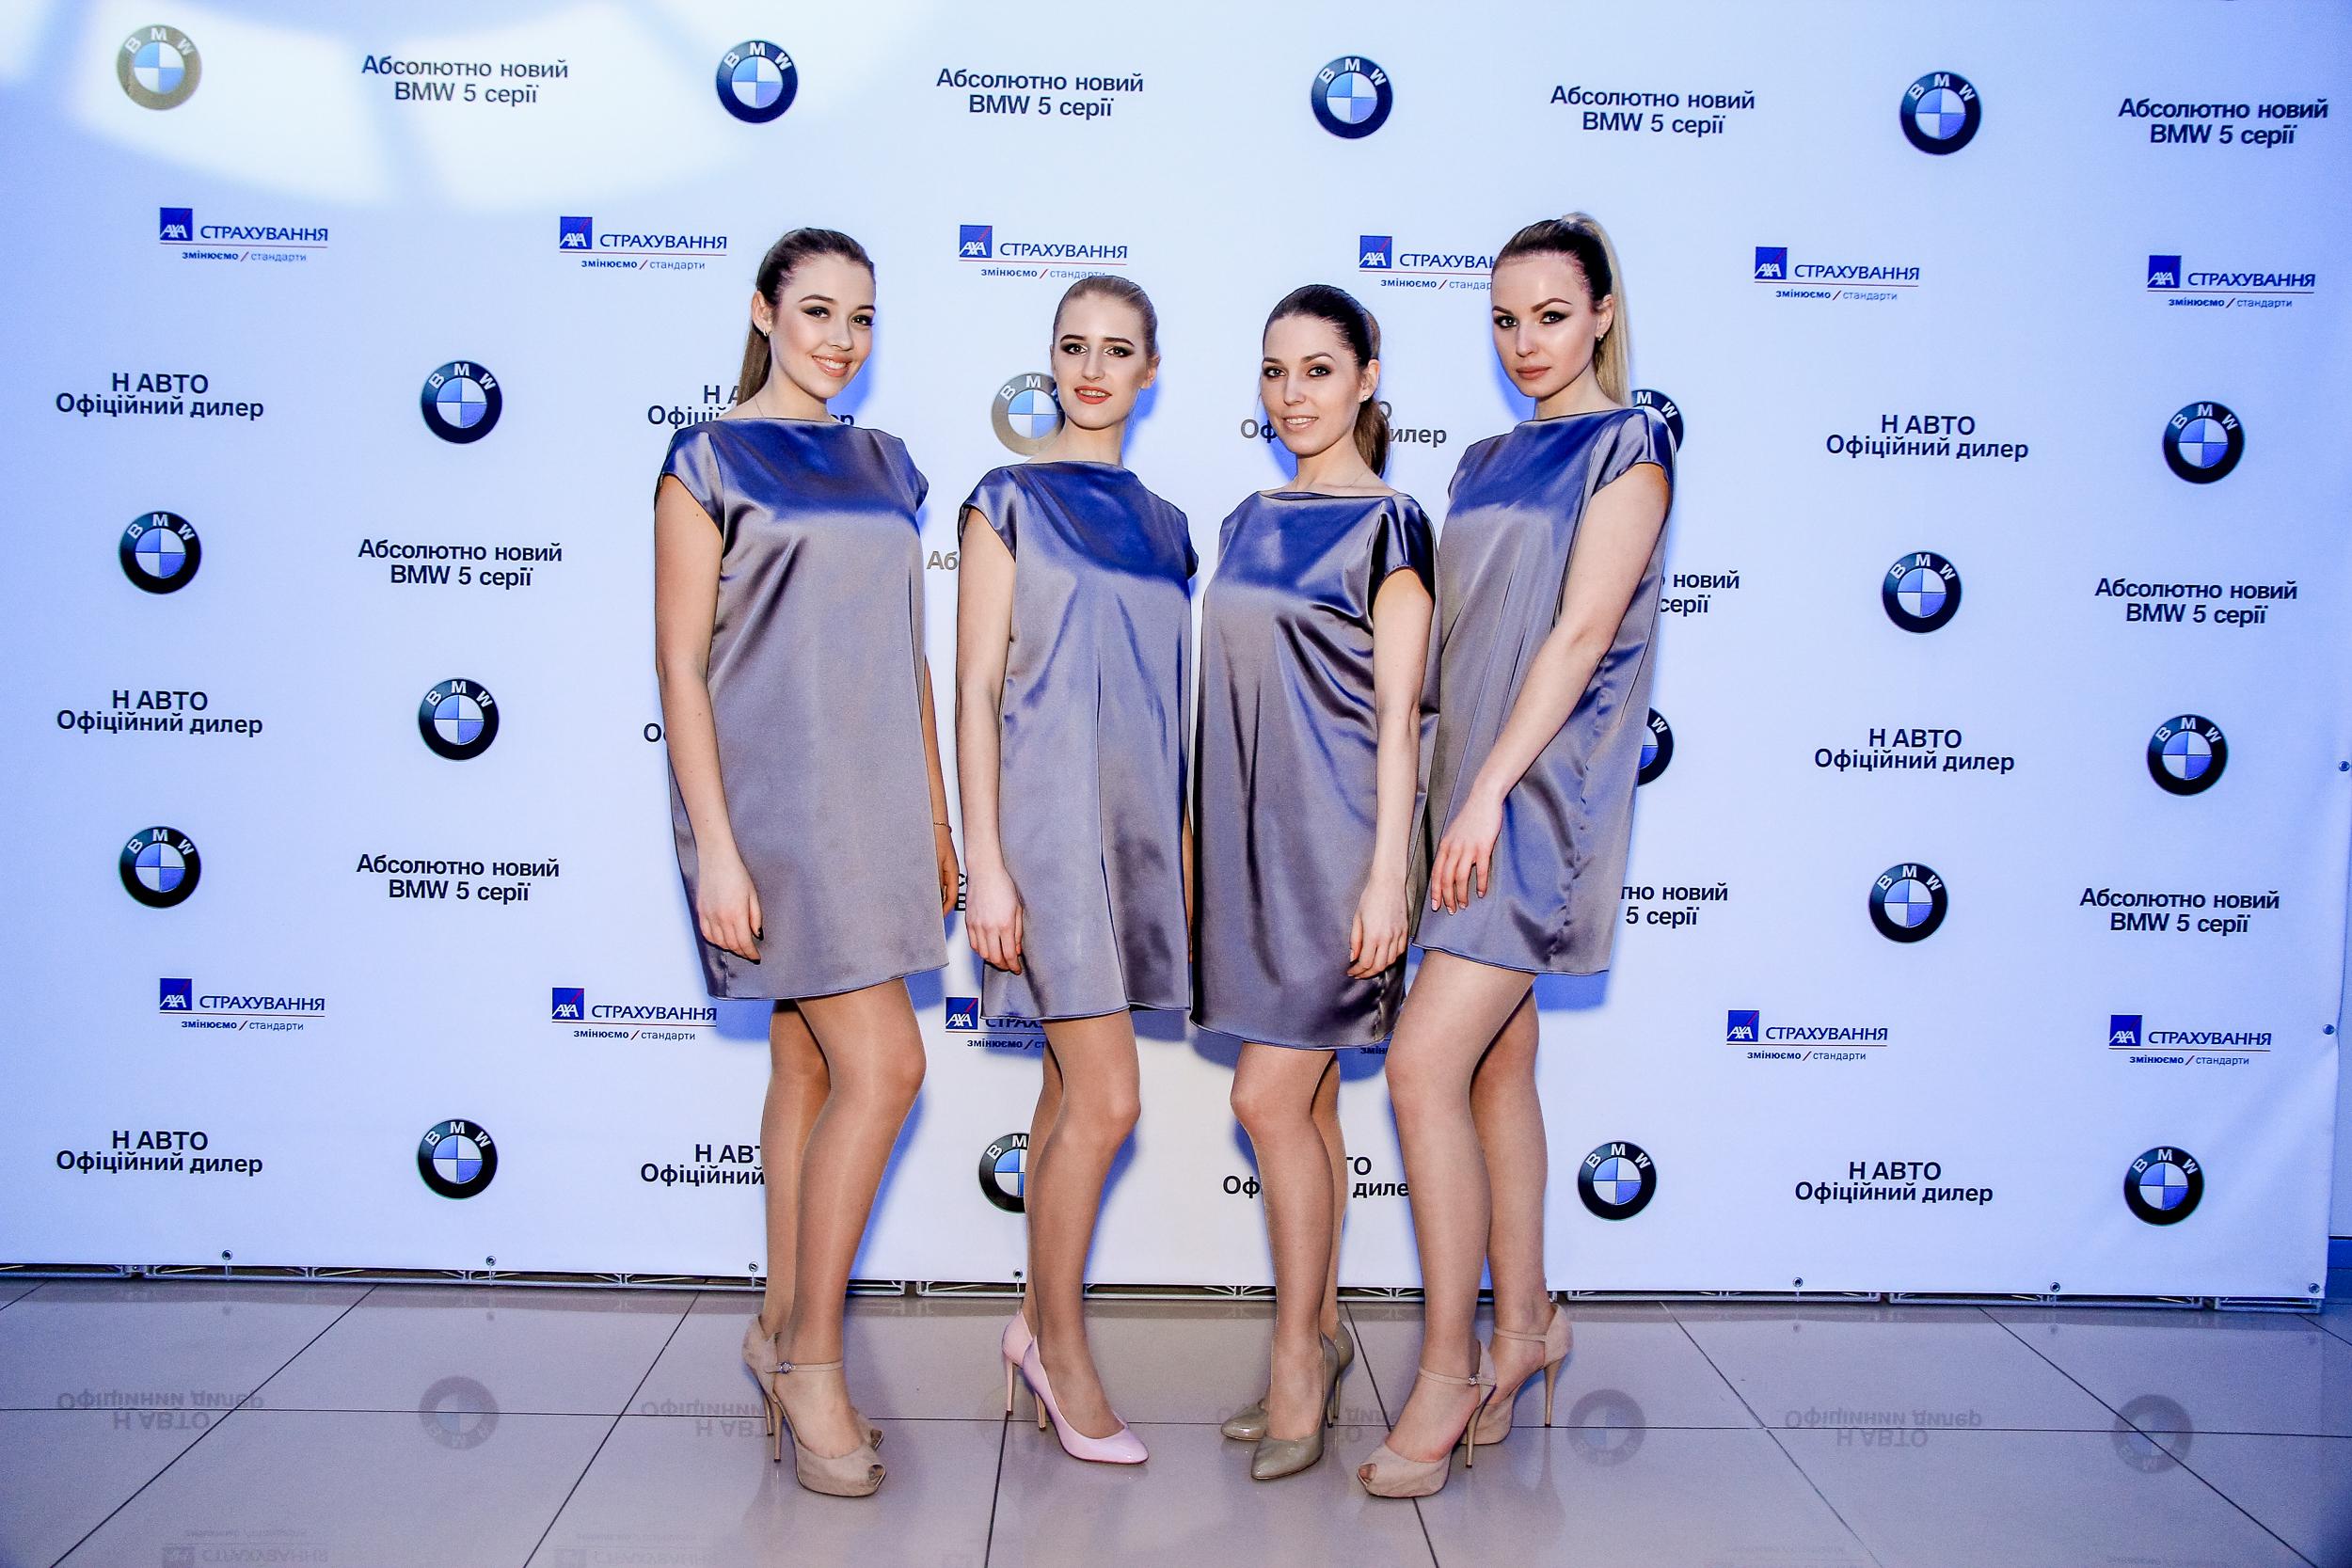 Модели на презентации BMW 5-Серии Николаев